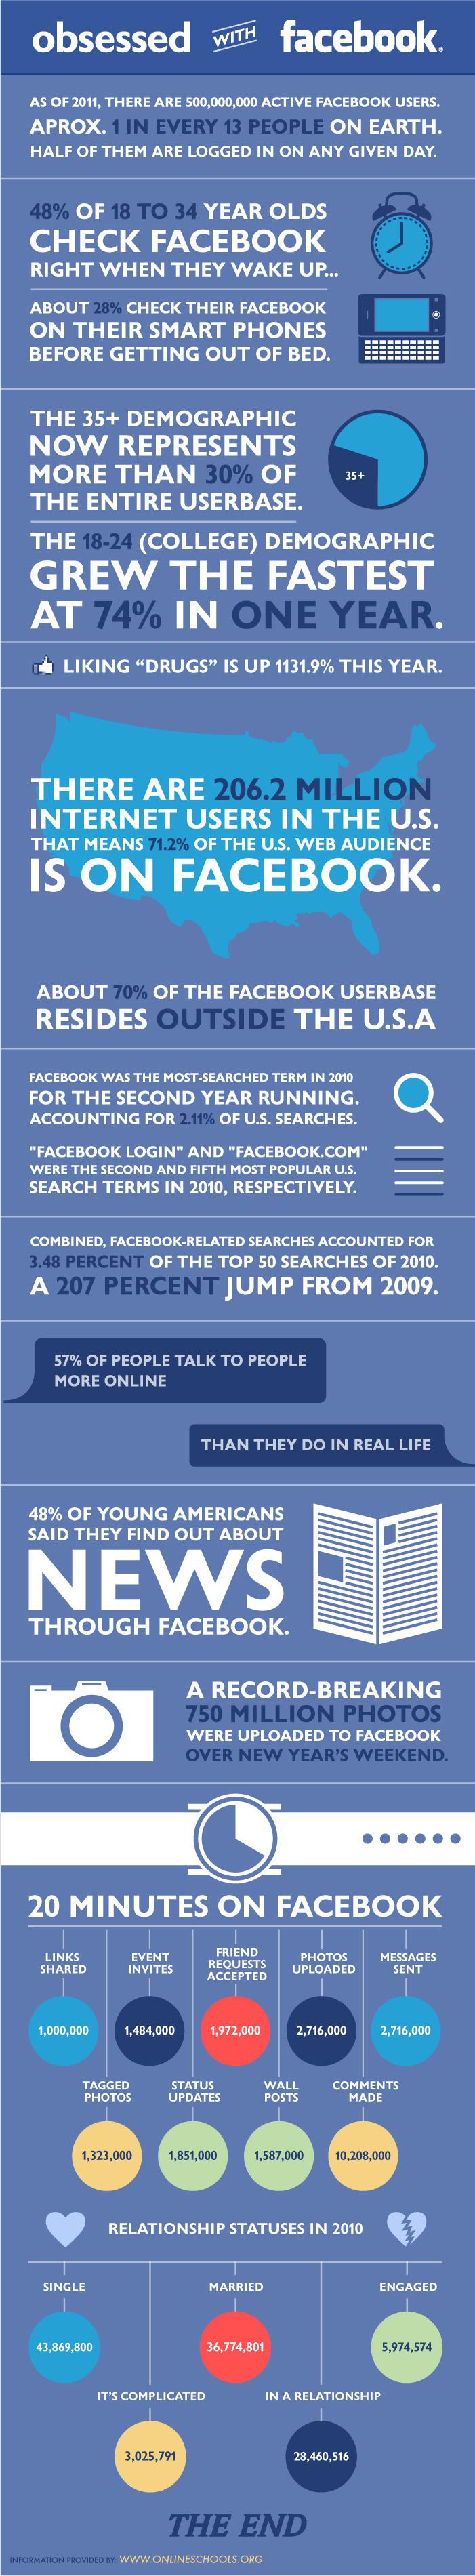 Social-Media-Marketing Facebook